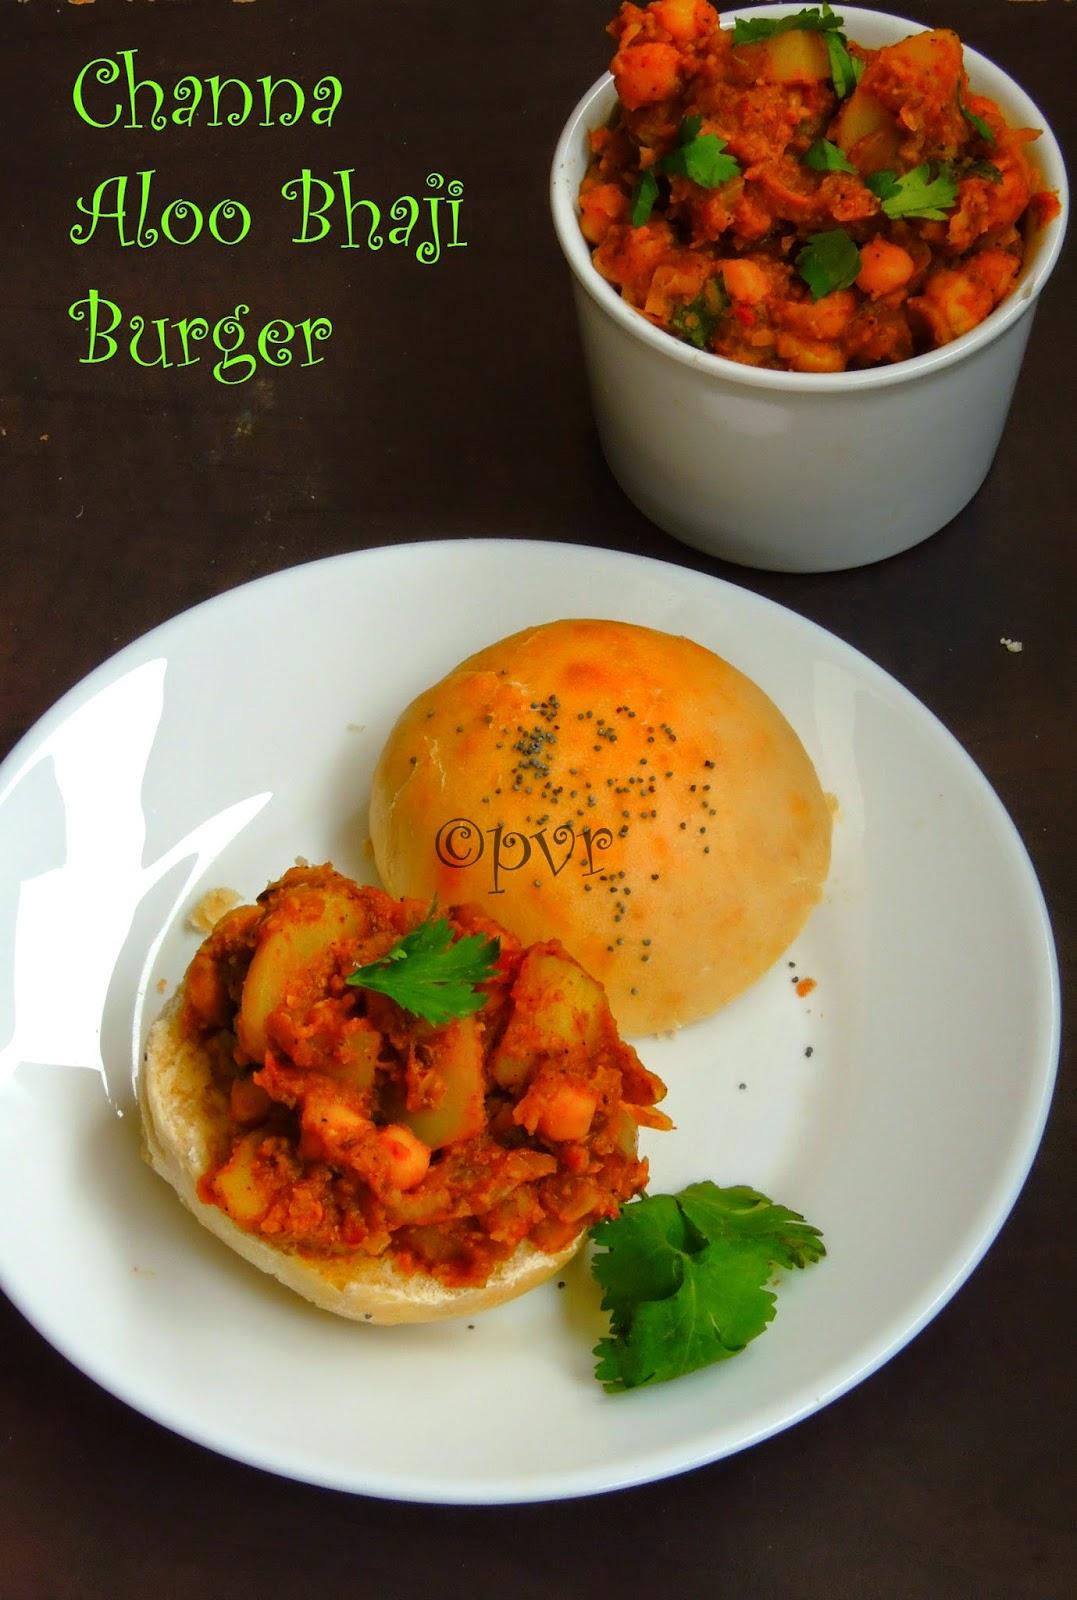 Aloo channa bhaji sandwich, Burger sandwich